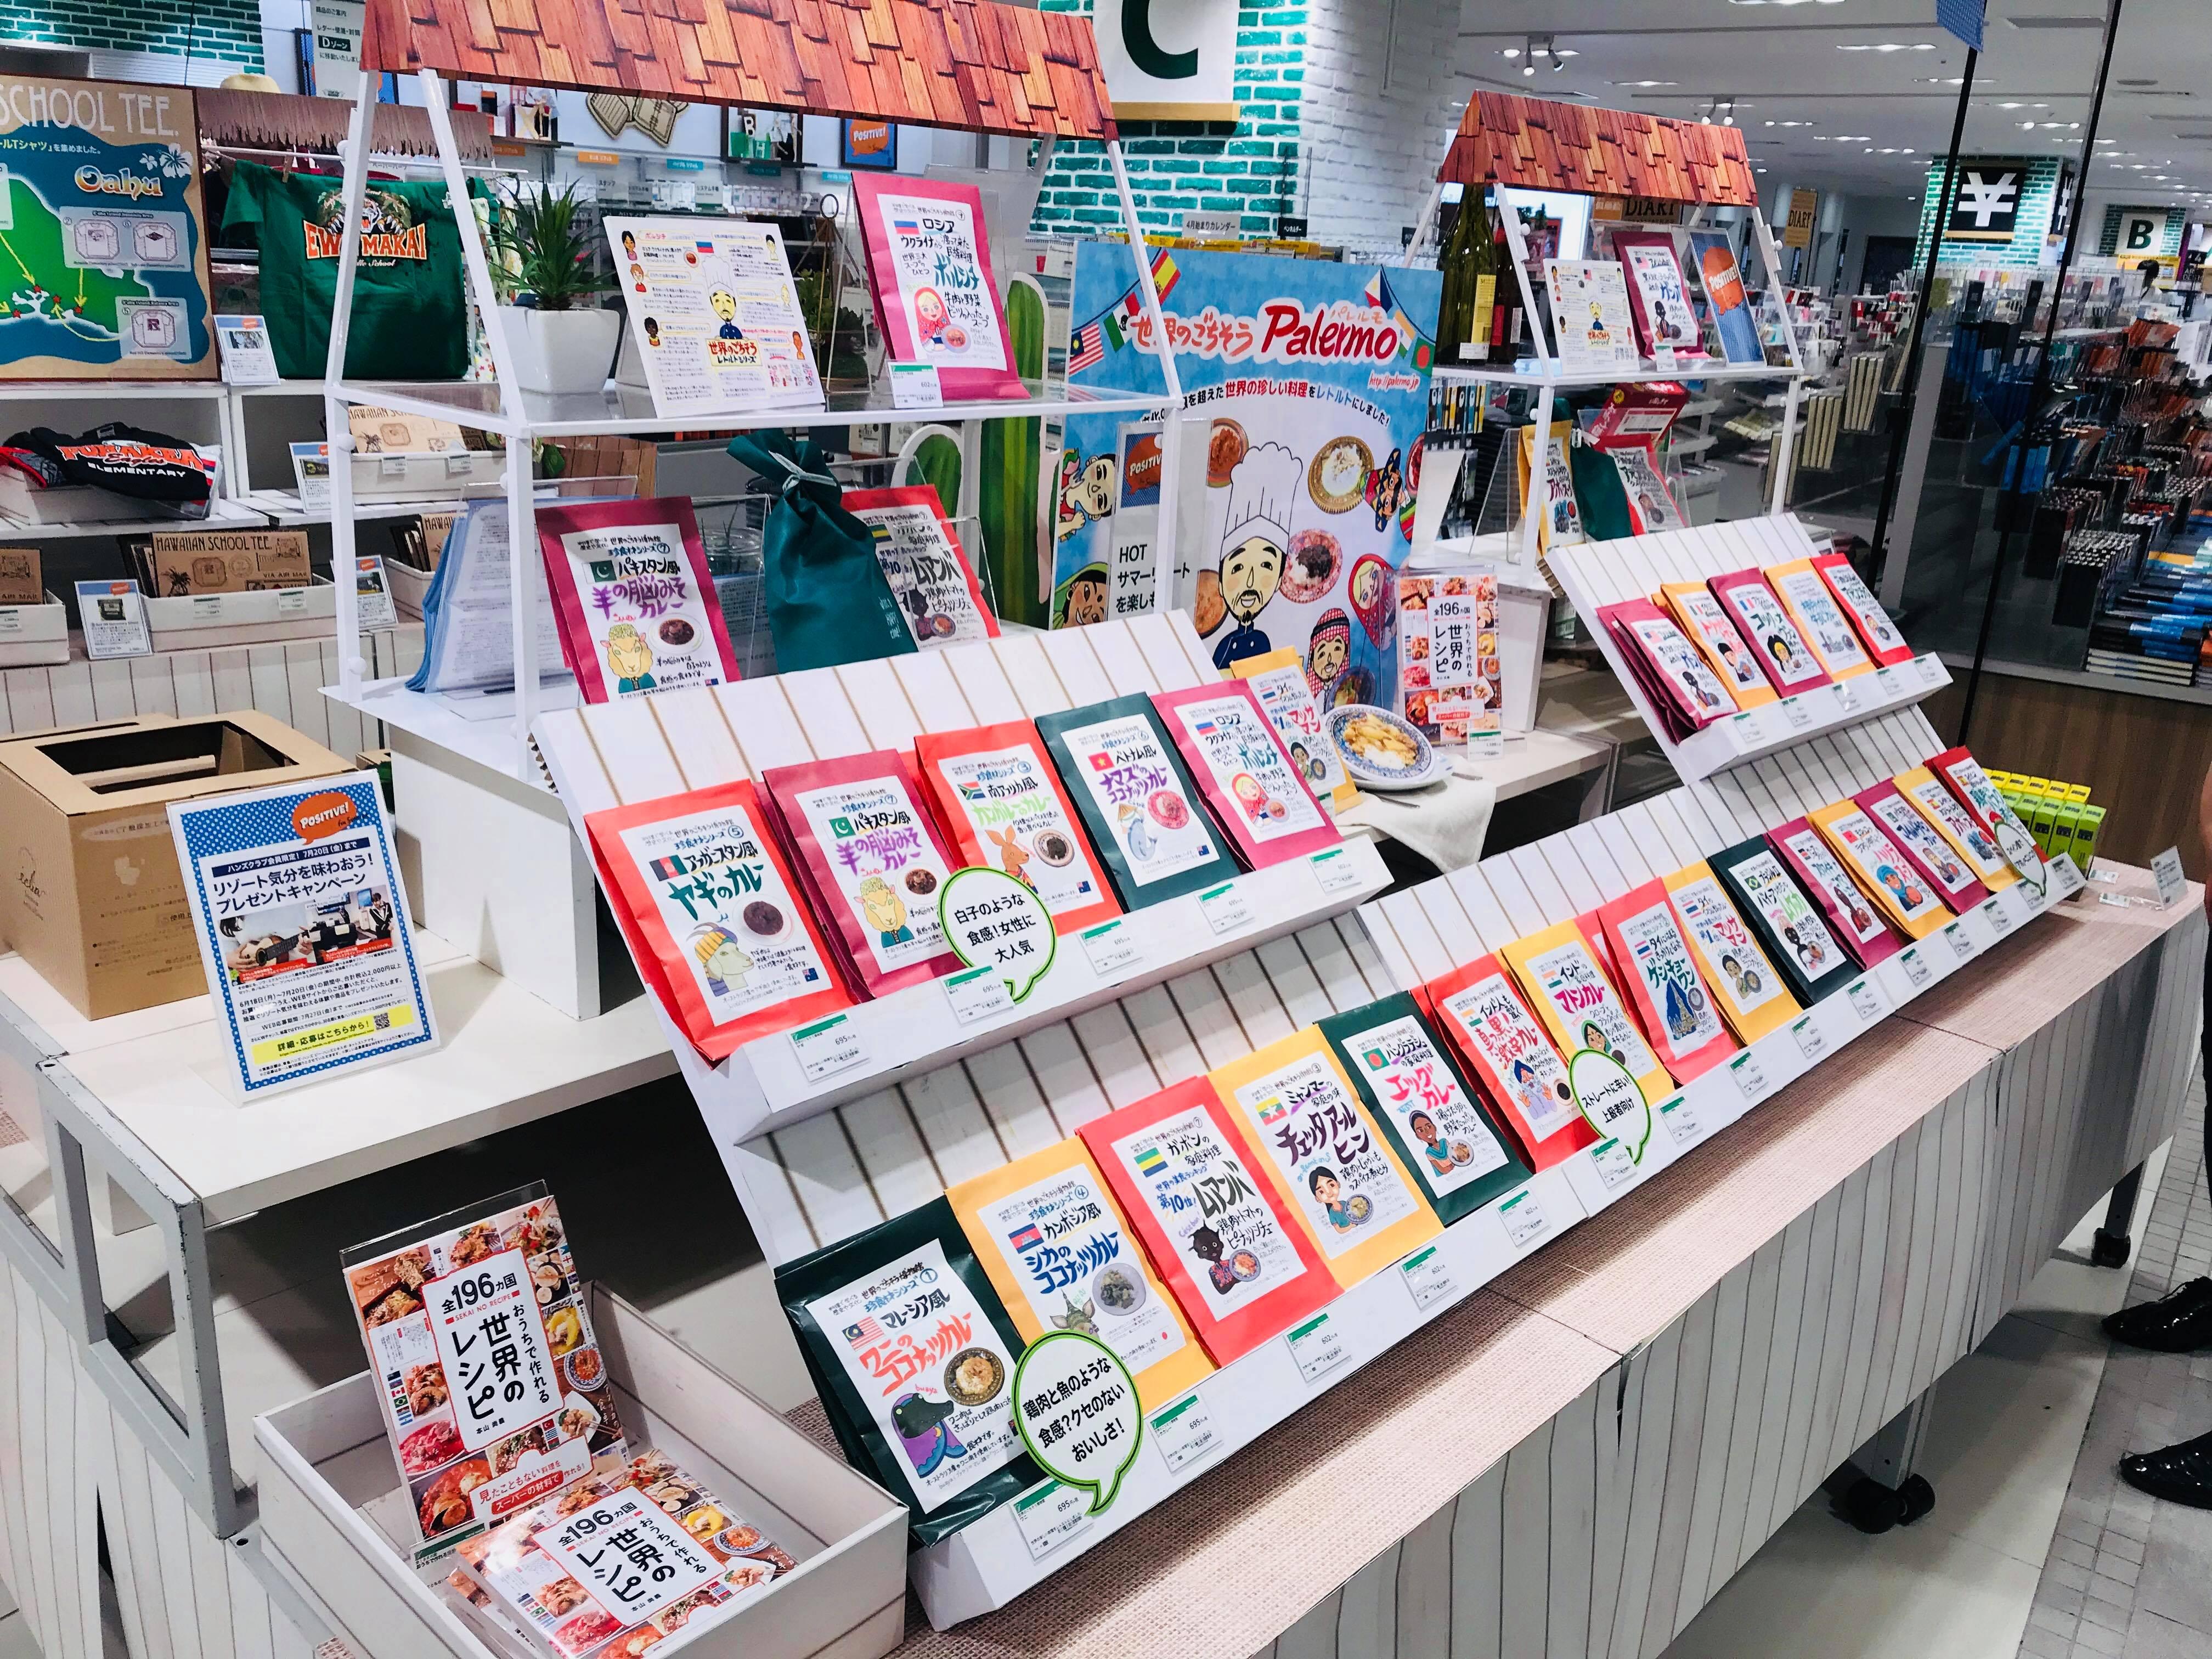 「世界のレシピとレトルトが東急ハンズ全店で展開スタートしました!」記事アイキャッチ画像